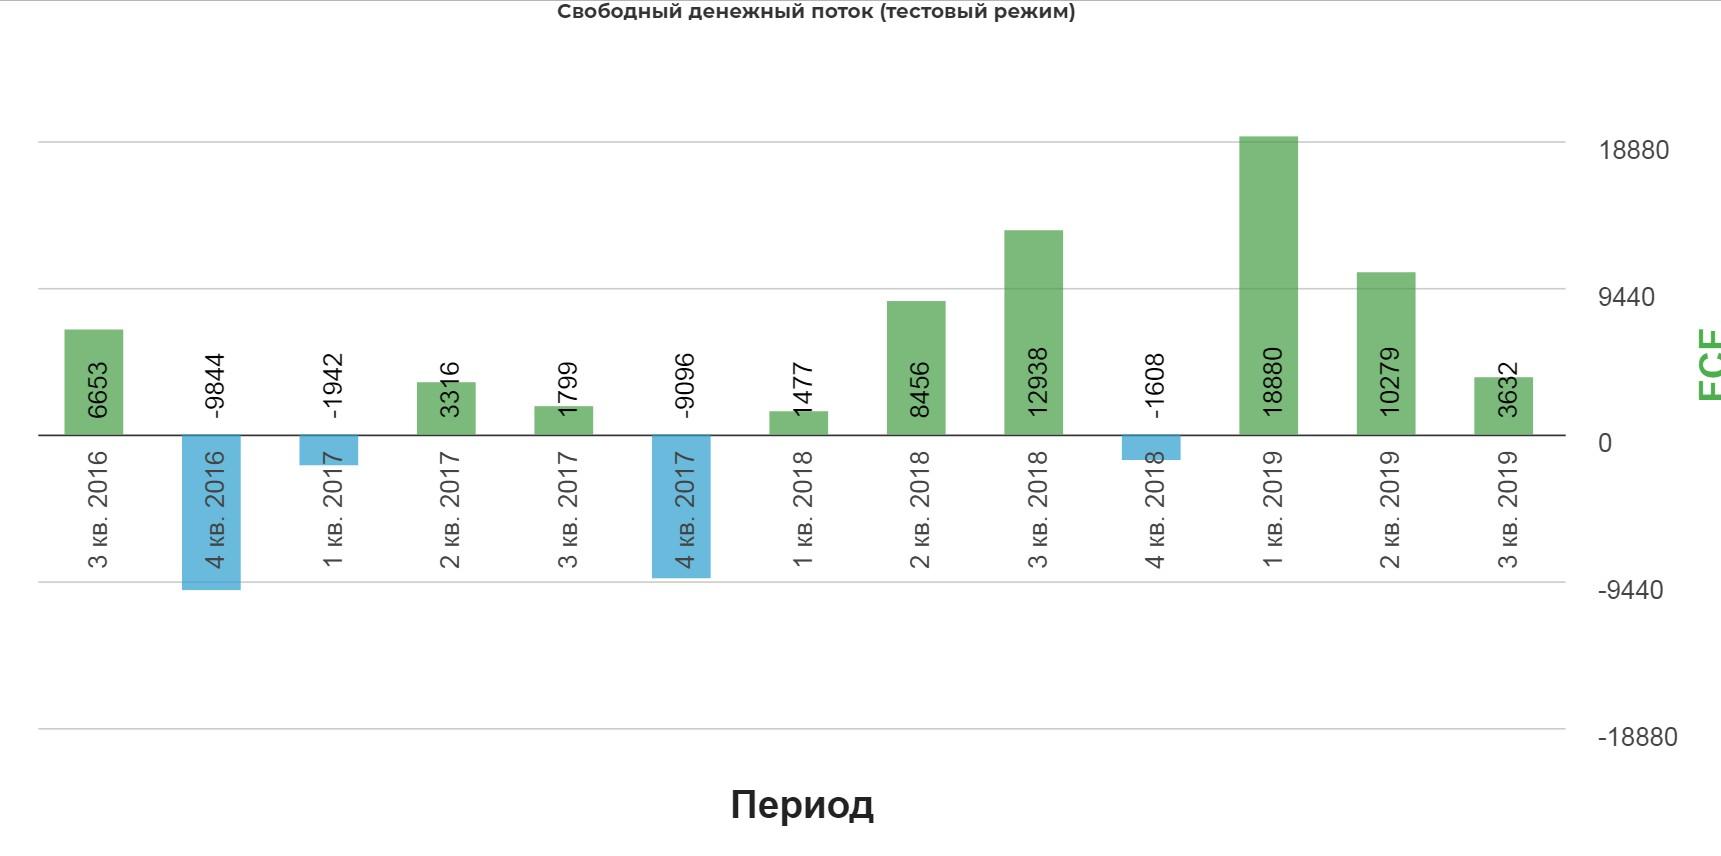 Фосагро 3кв 2019 Дно по ценам, может превратиться в средние цены.